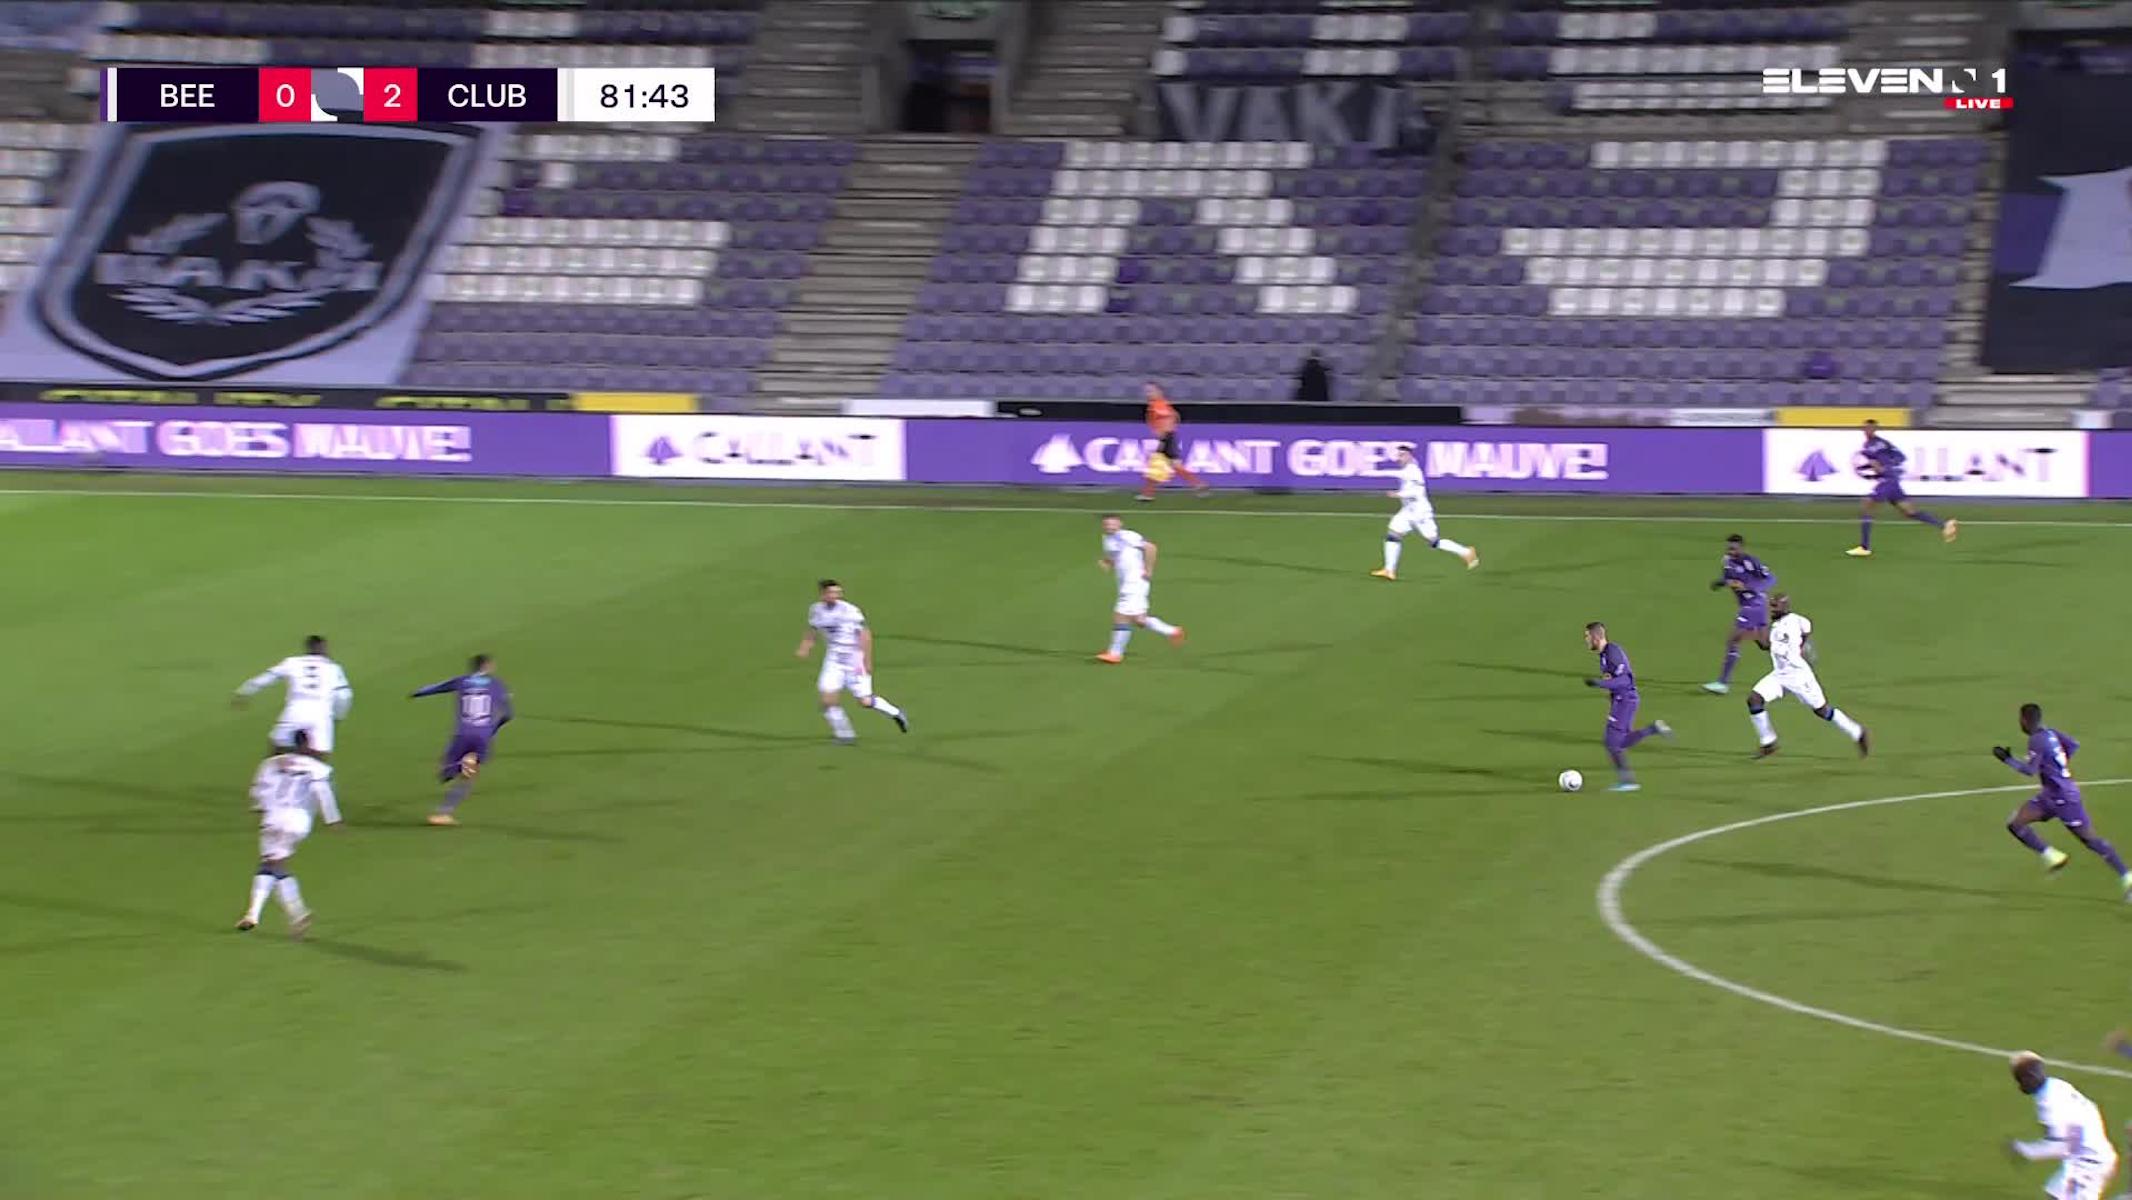 Doelpunt Noa Lang (K. Beerschot V.A. vs. Club Brugge)